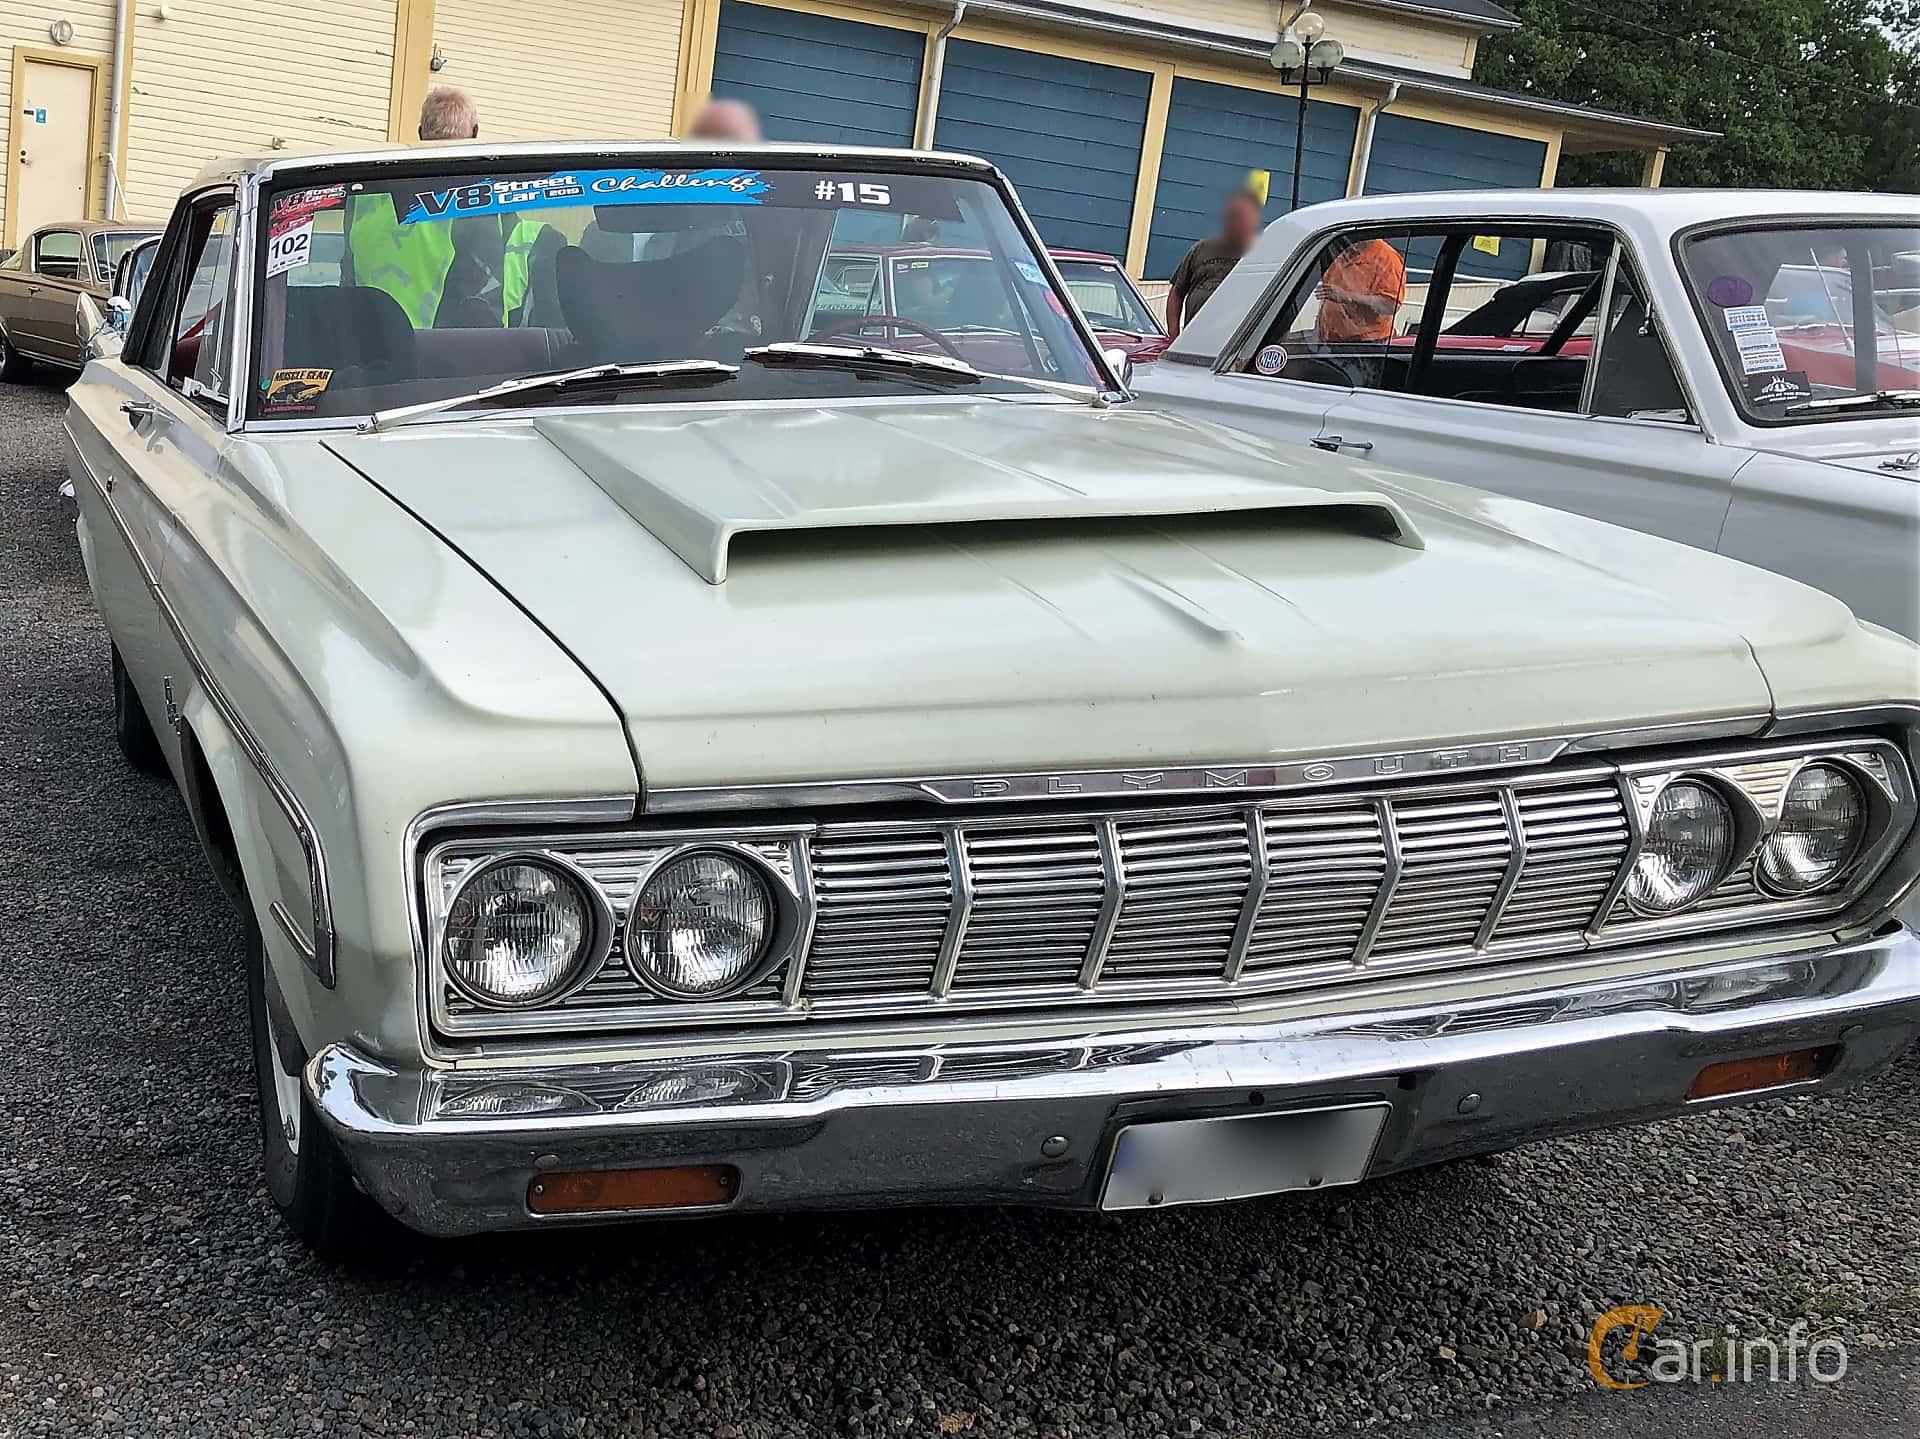 Front/Side  of Plymouth Belvedere Hardtop 7.0 V8 PowerFlite, 370ps, 1964 at Bil & MC-träffar i Huskvarna Folkets Park 2019 vecka 32 tema Hot Rods